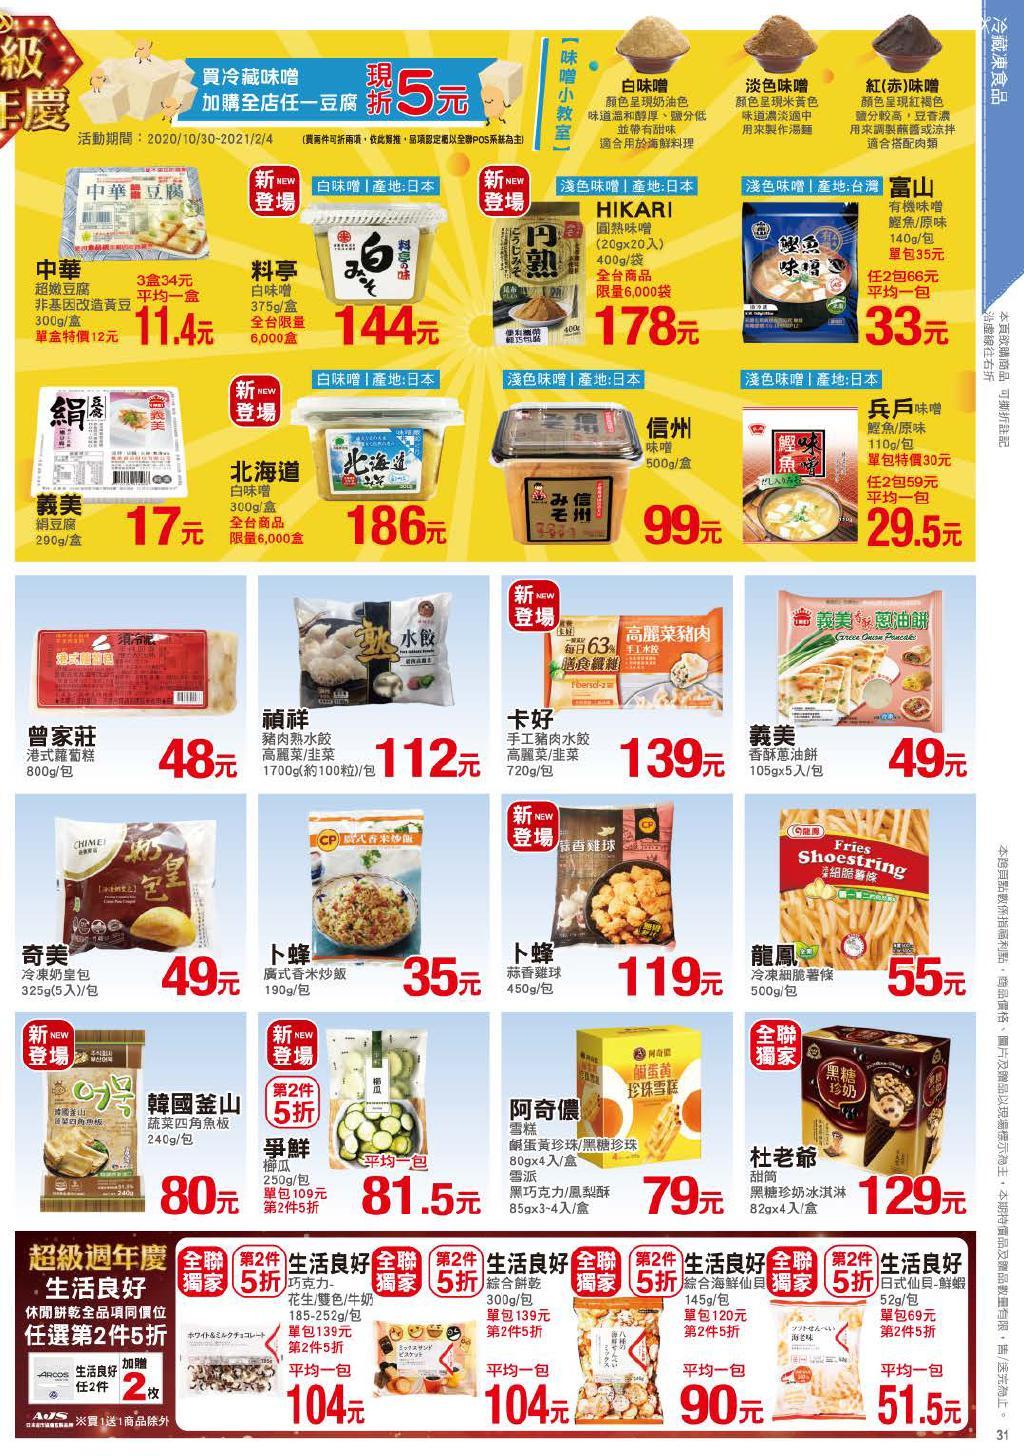 pxmart20201119_000031.jpg